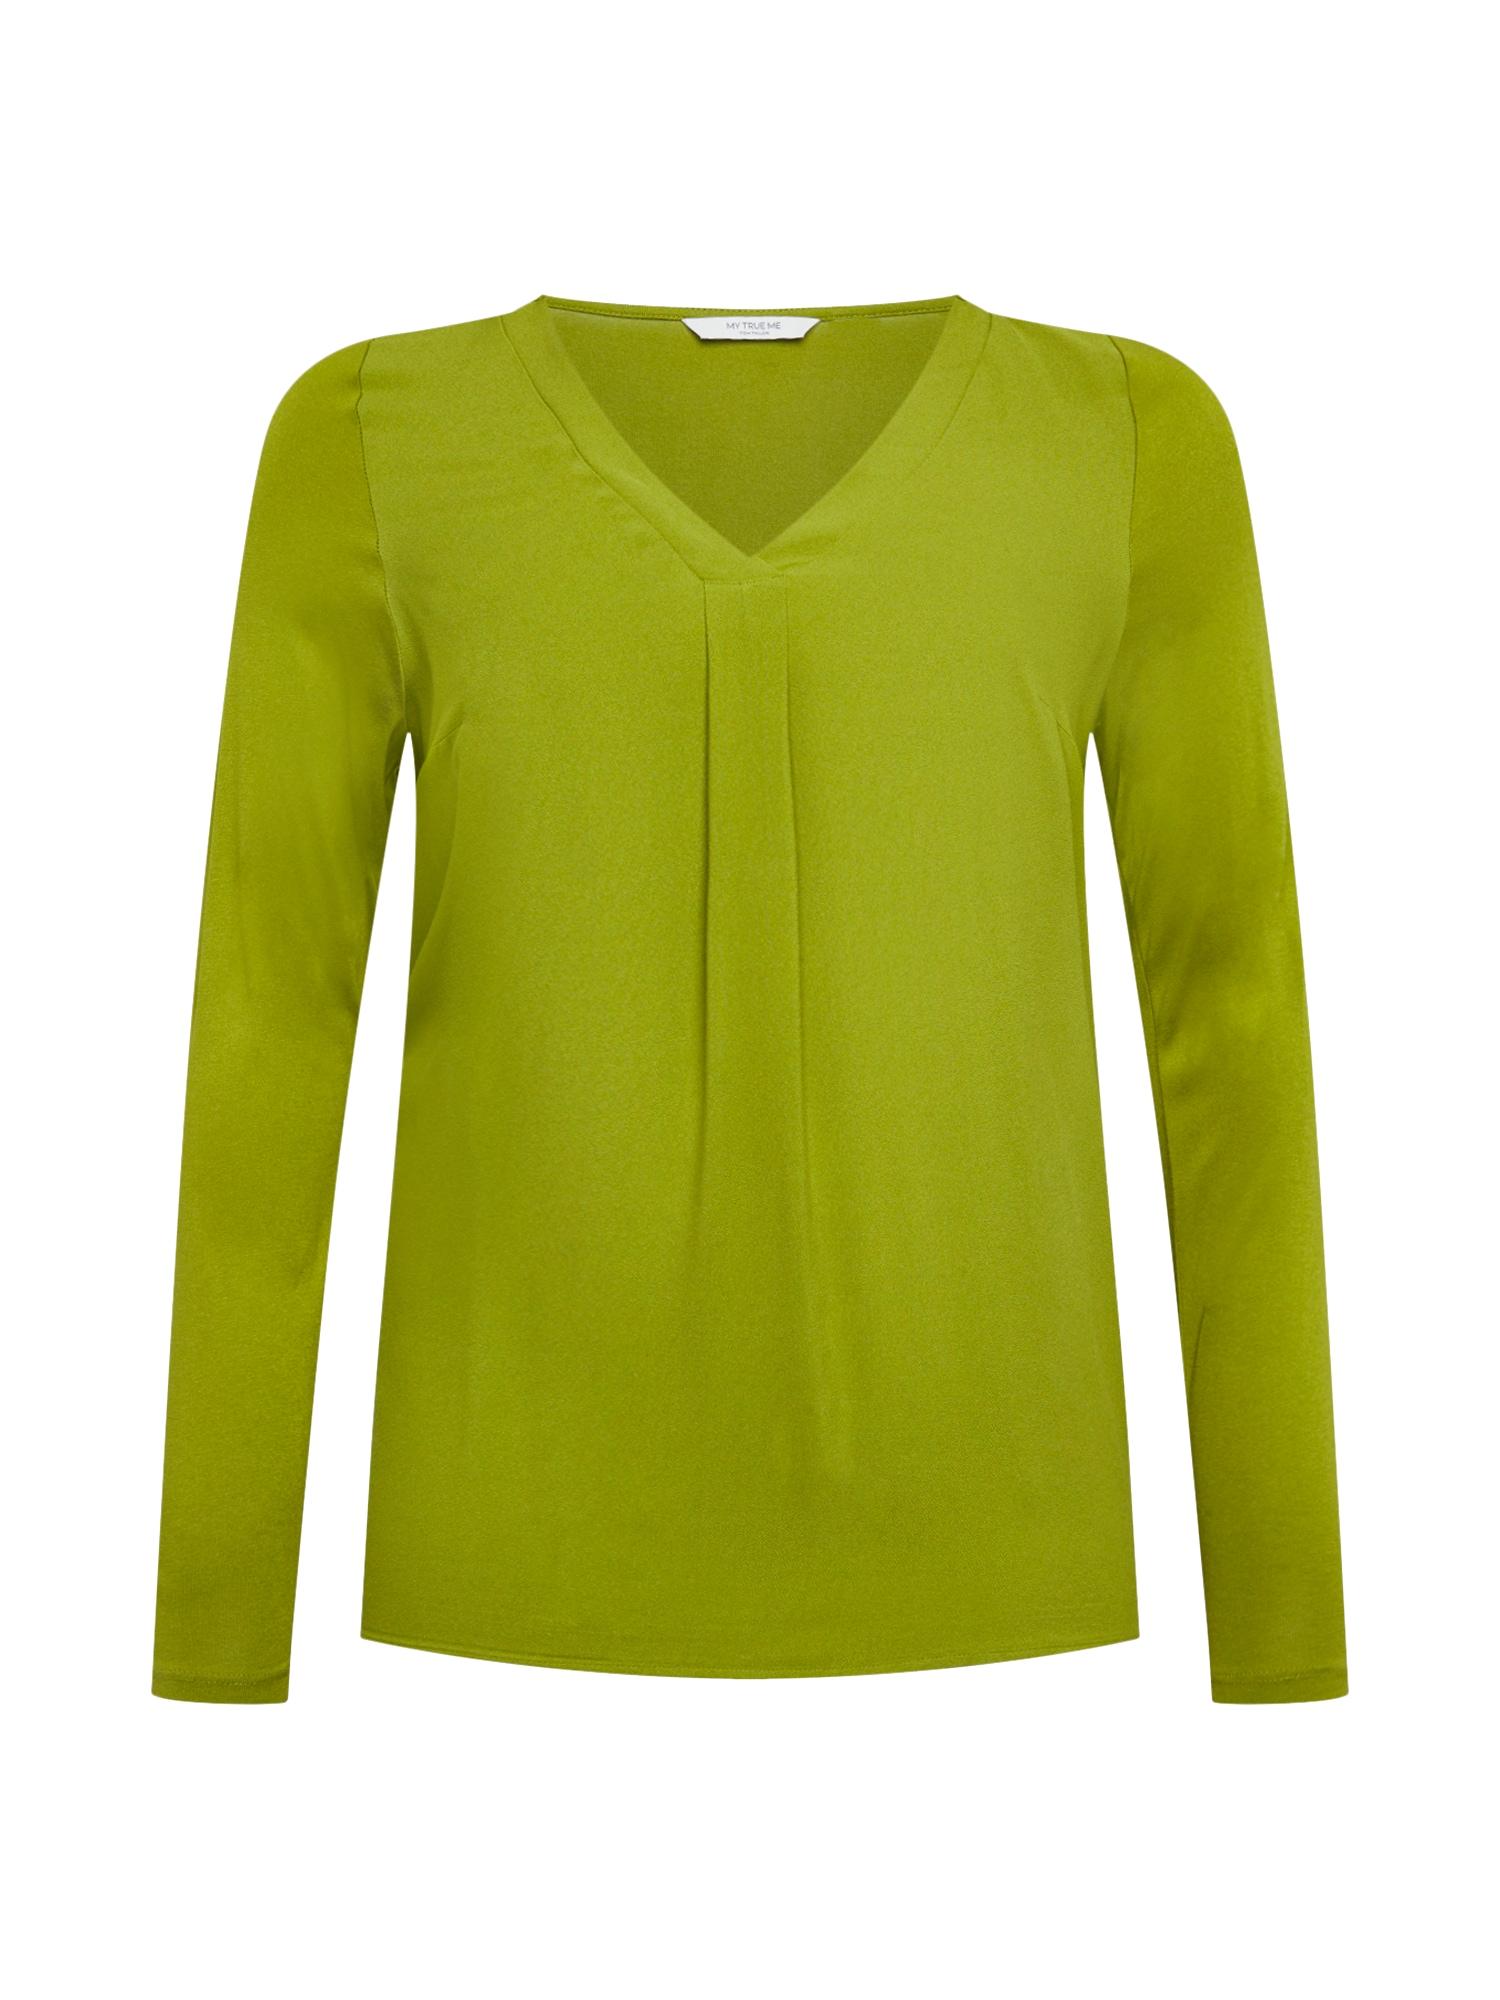 MY TRUE ME Marškinėliai žalia